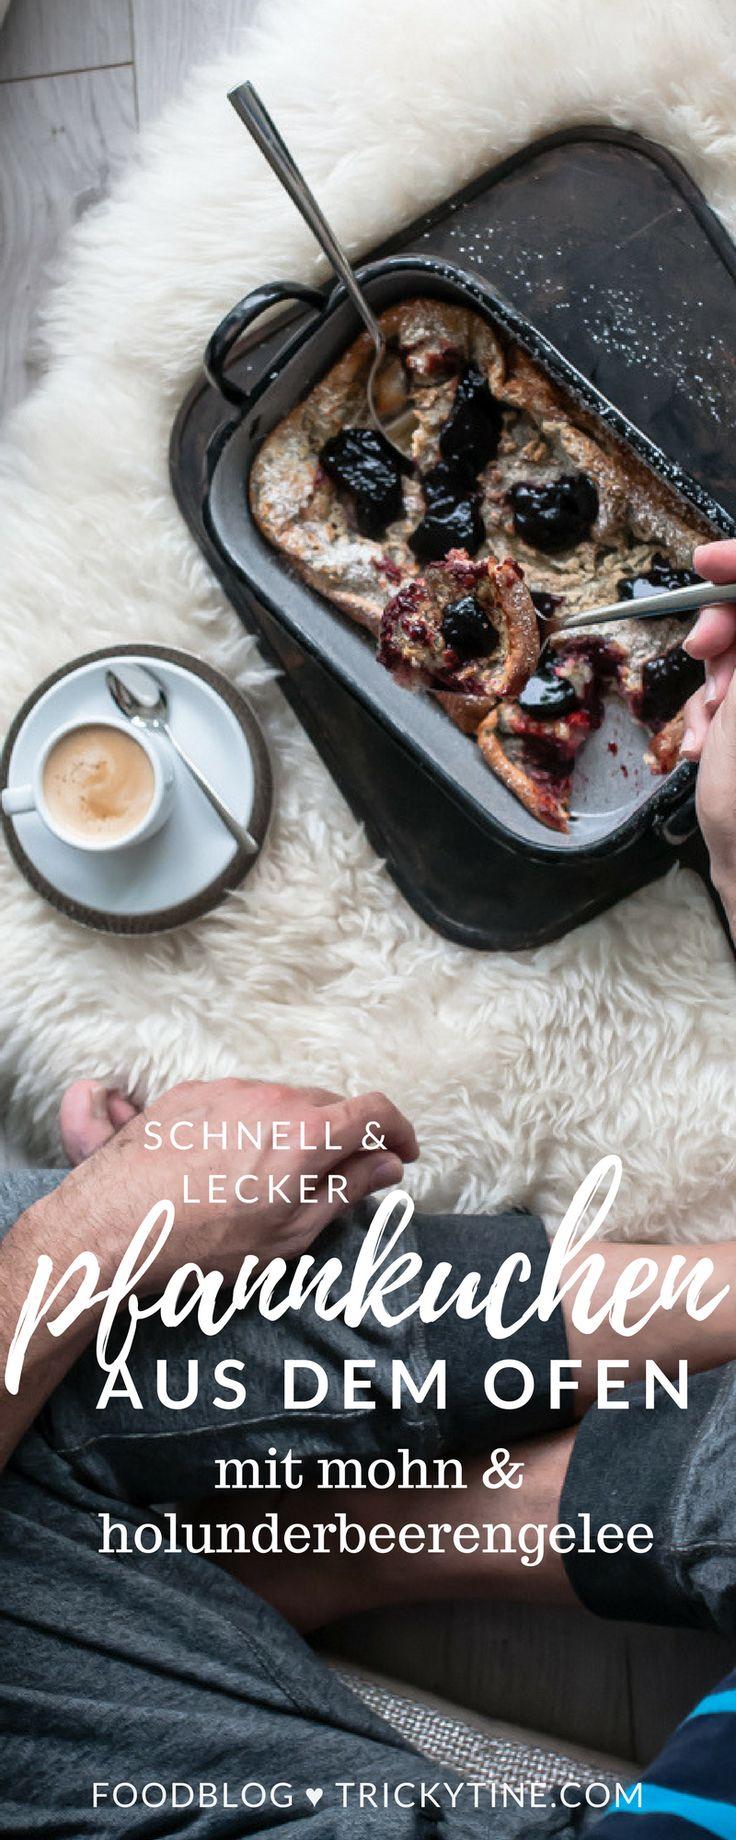 leckerer ofenpfannkuchen mit mohn & holunderbeerengelee ♥ trickytine.com